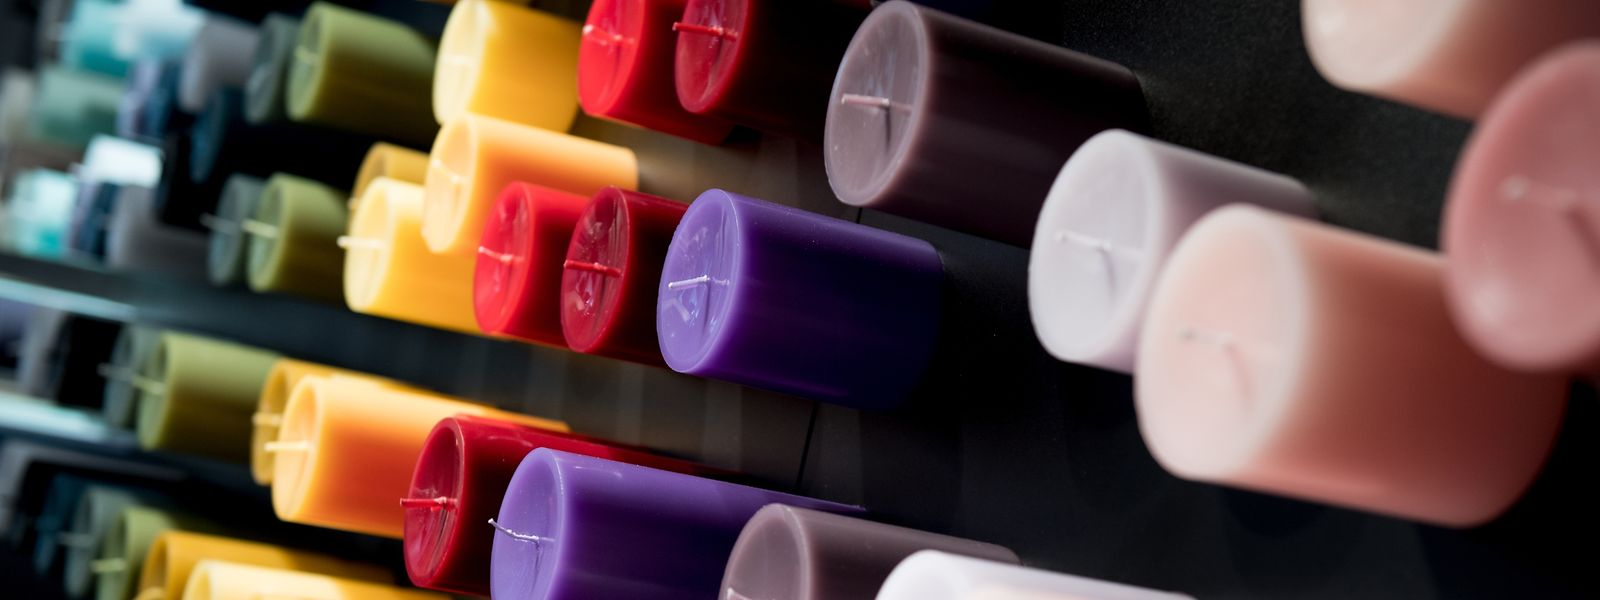 Die Art der Färbung von Kerzen hat keinen Einfluss auf die Qualität.